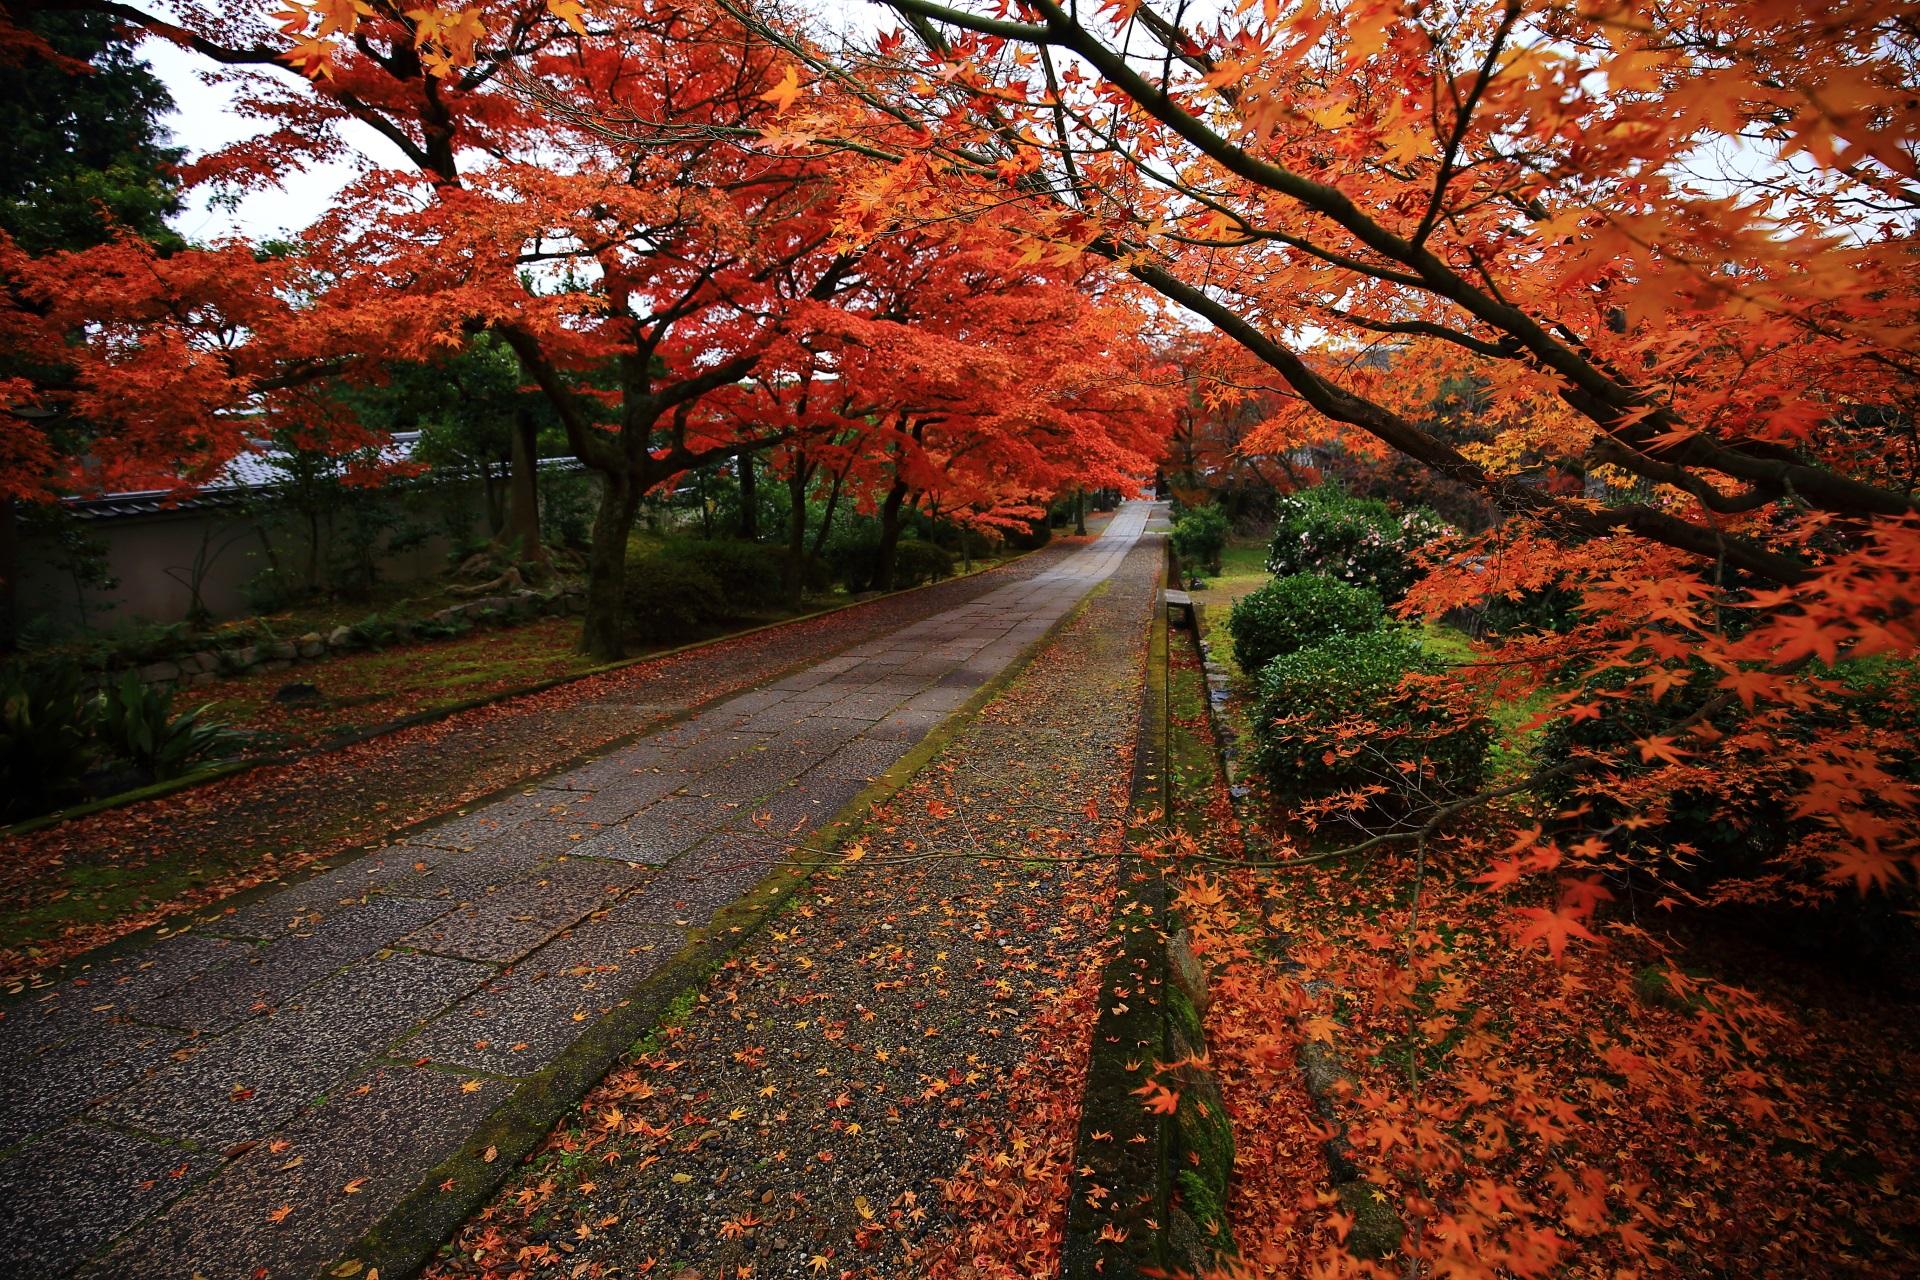 養源院の玄関前から眺めた参道の鮮やかな紅葉と散り紅葉